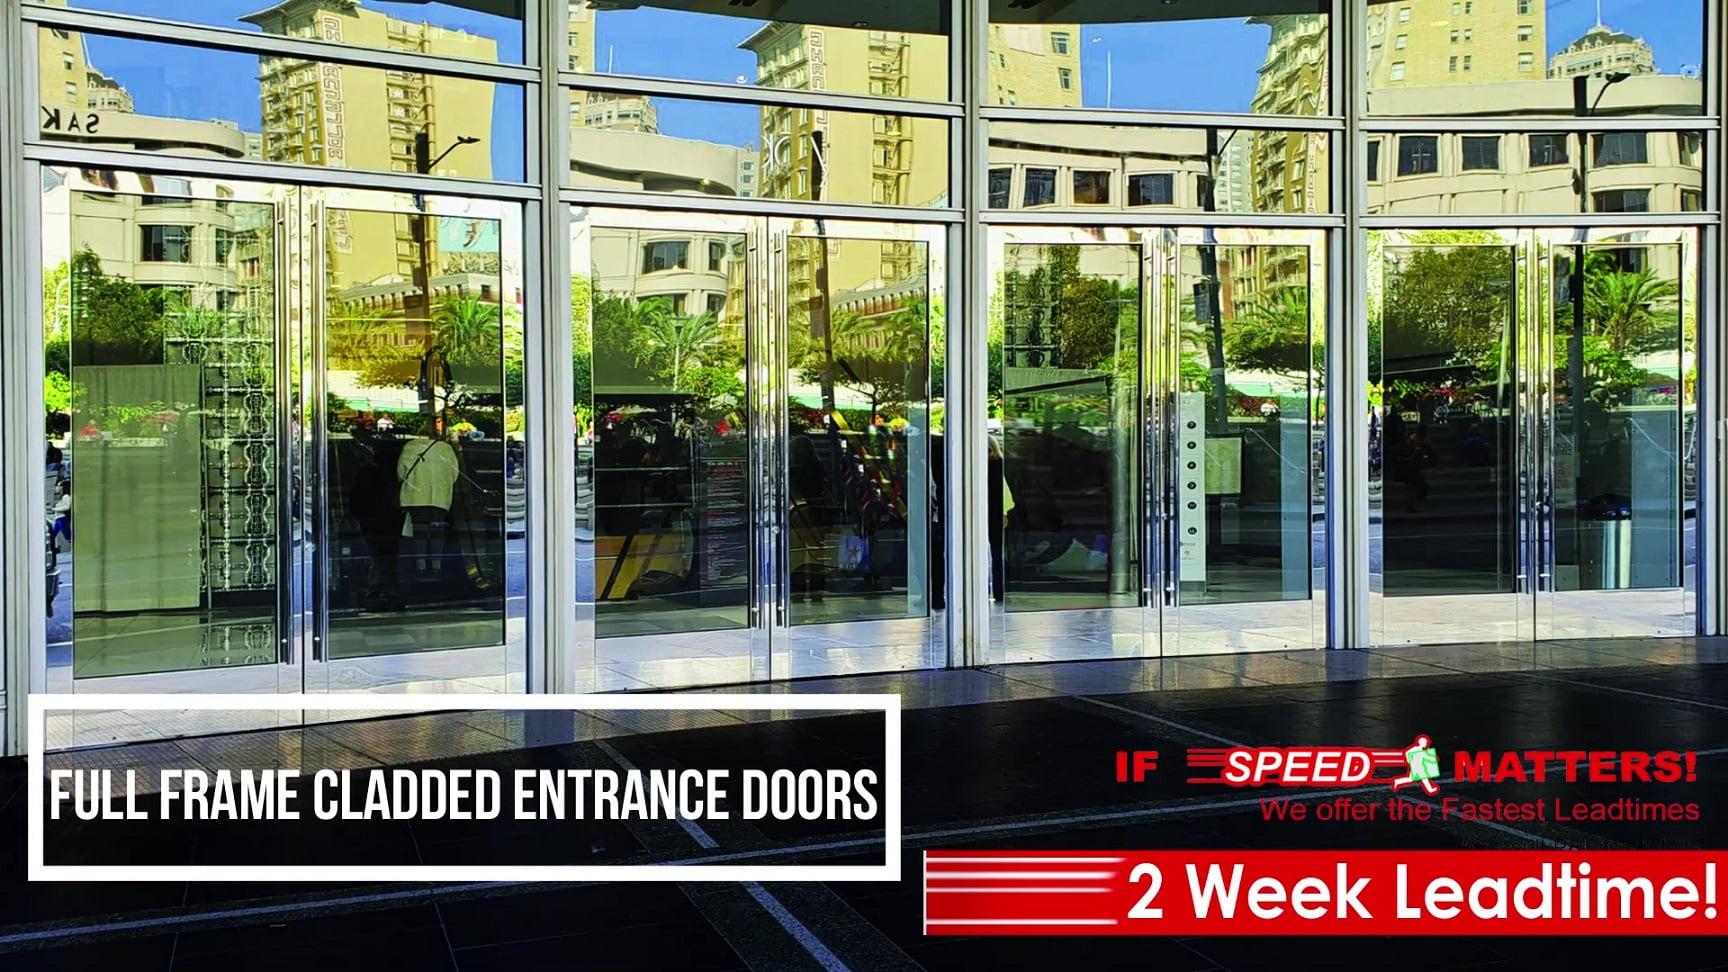 Full Frame Cladded Entrance Doors Video